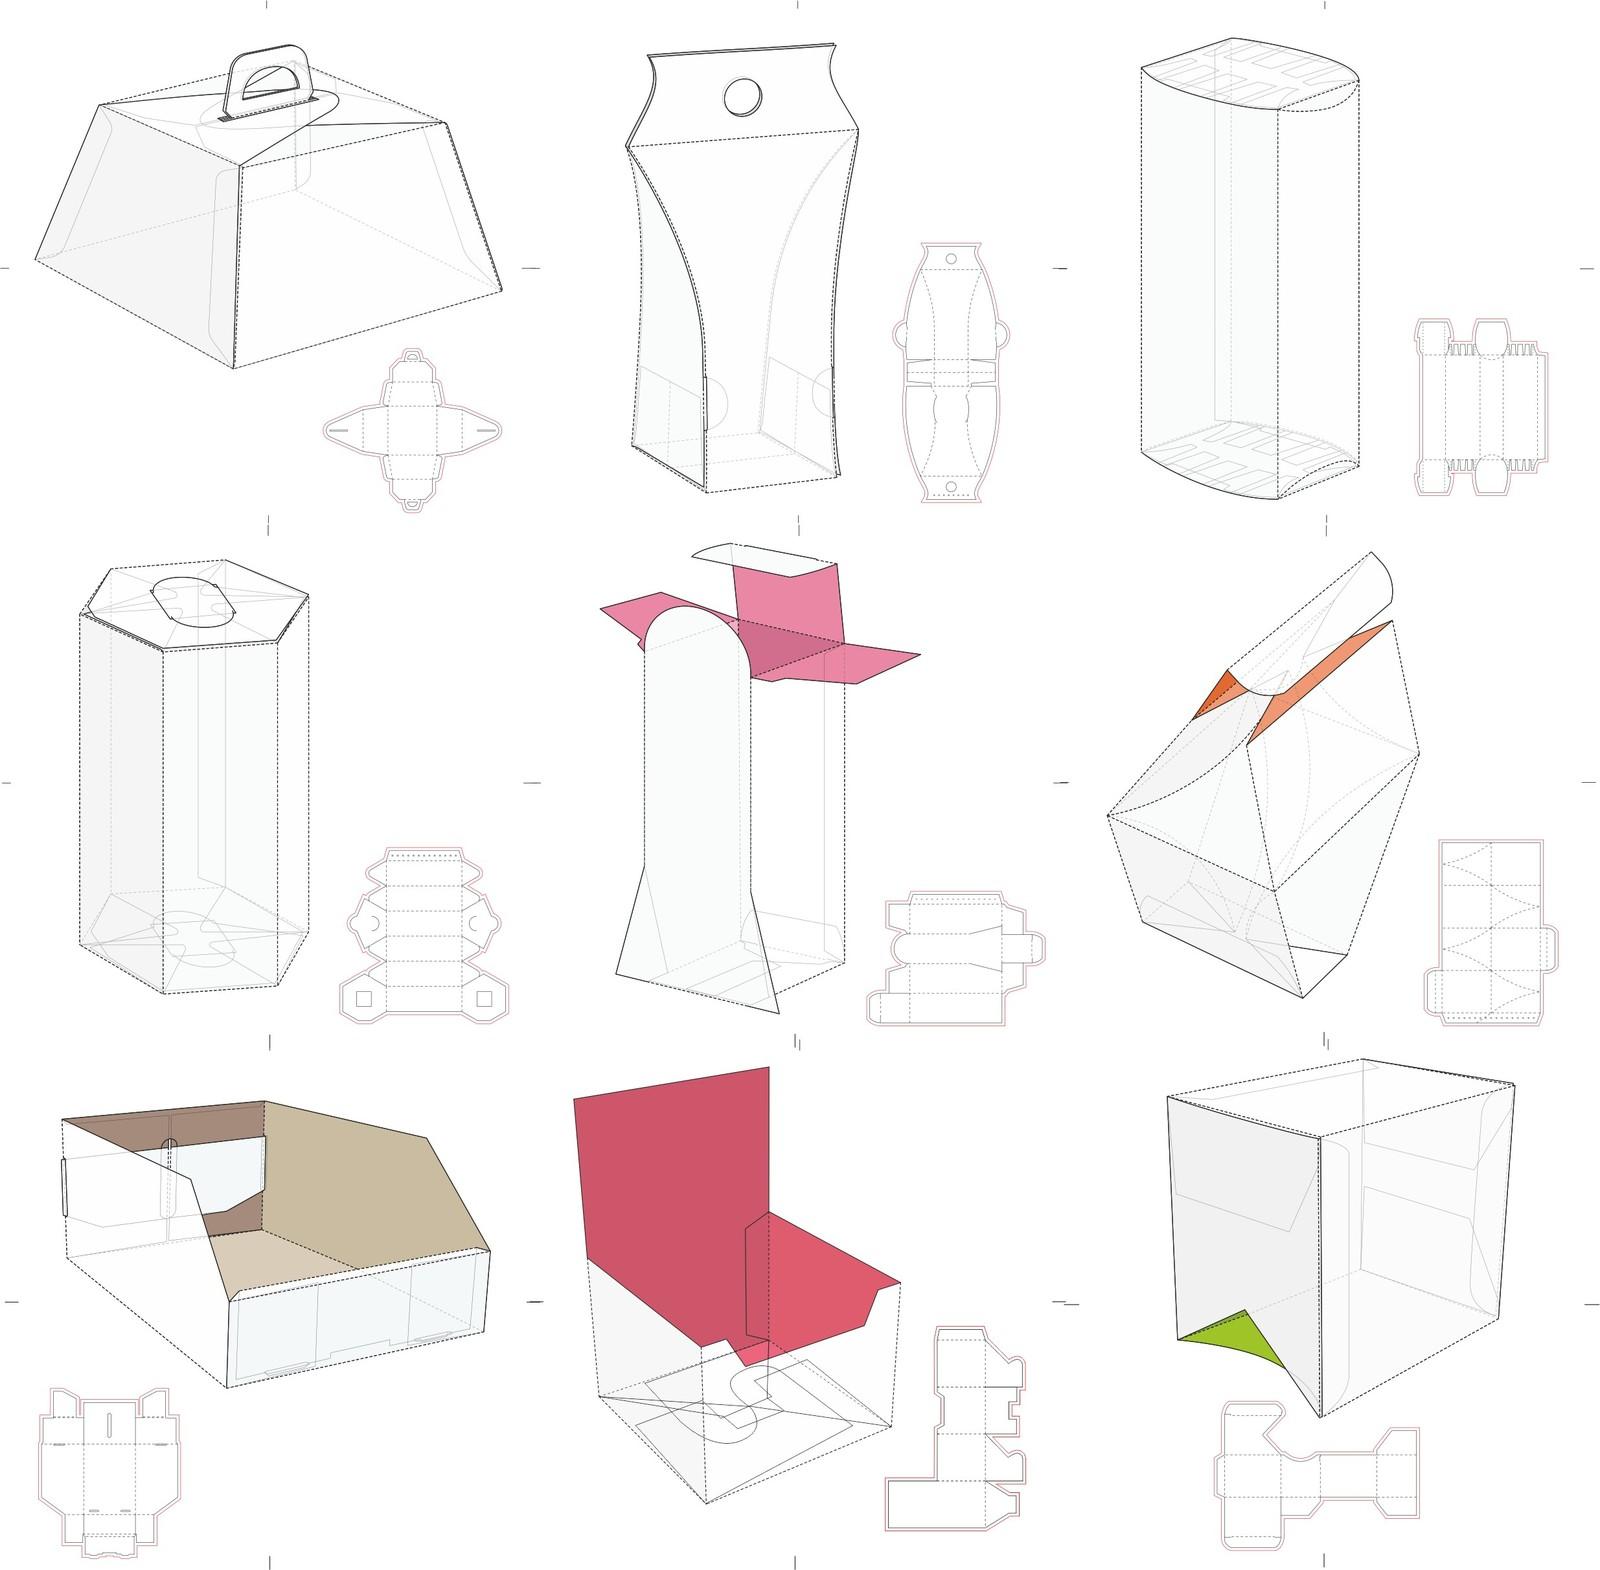 Векторные схемы разнообразных коробочек Часть 2 скачать бесплатно!